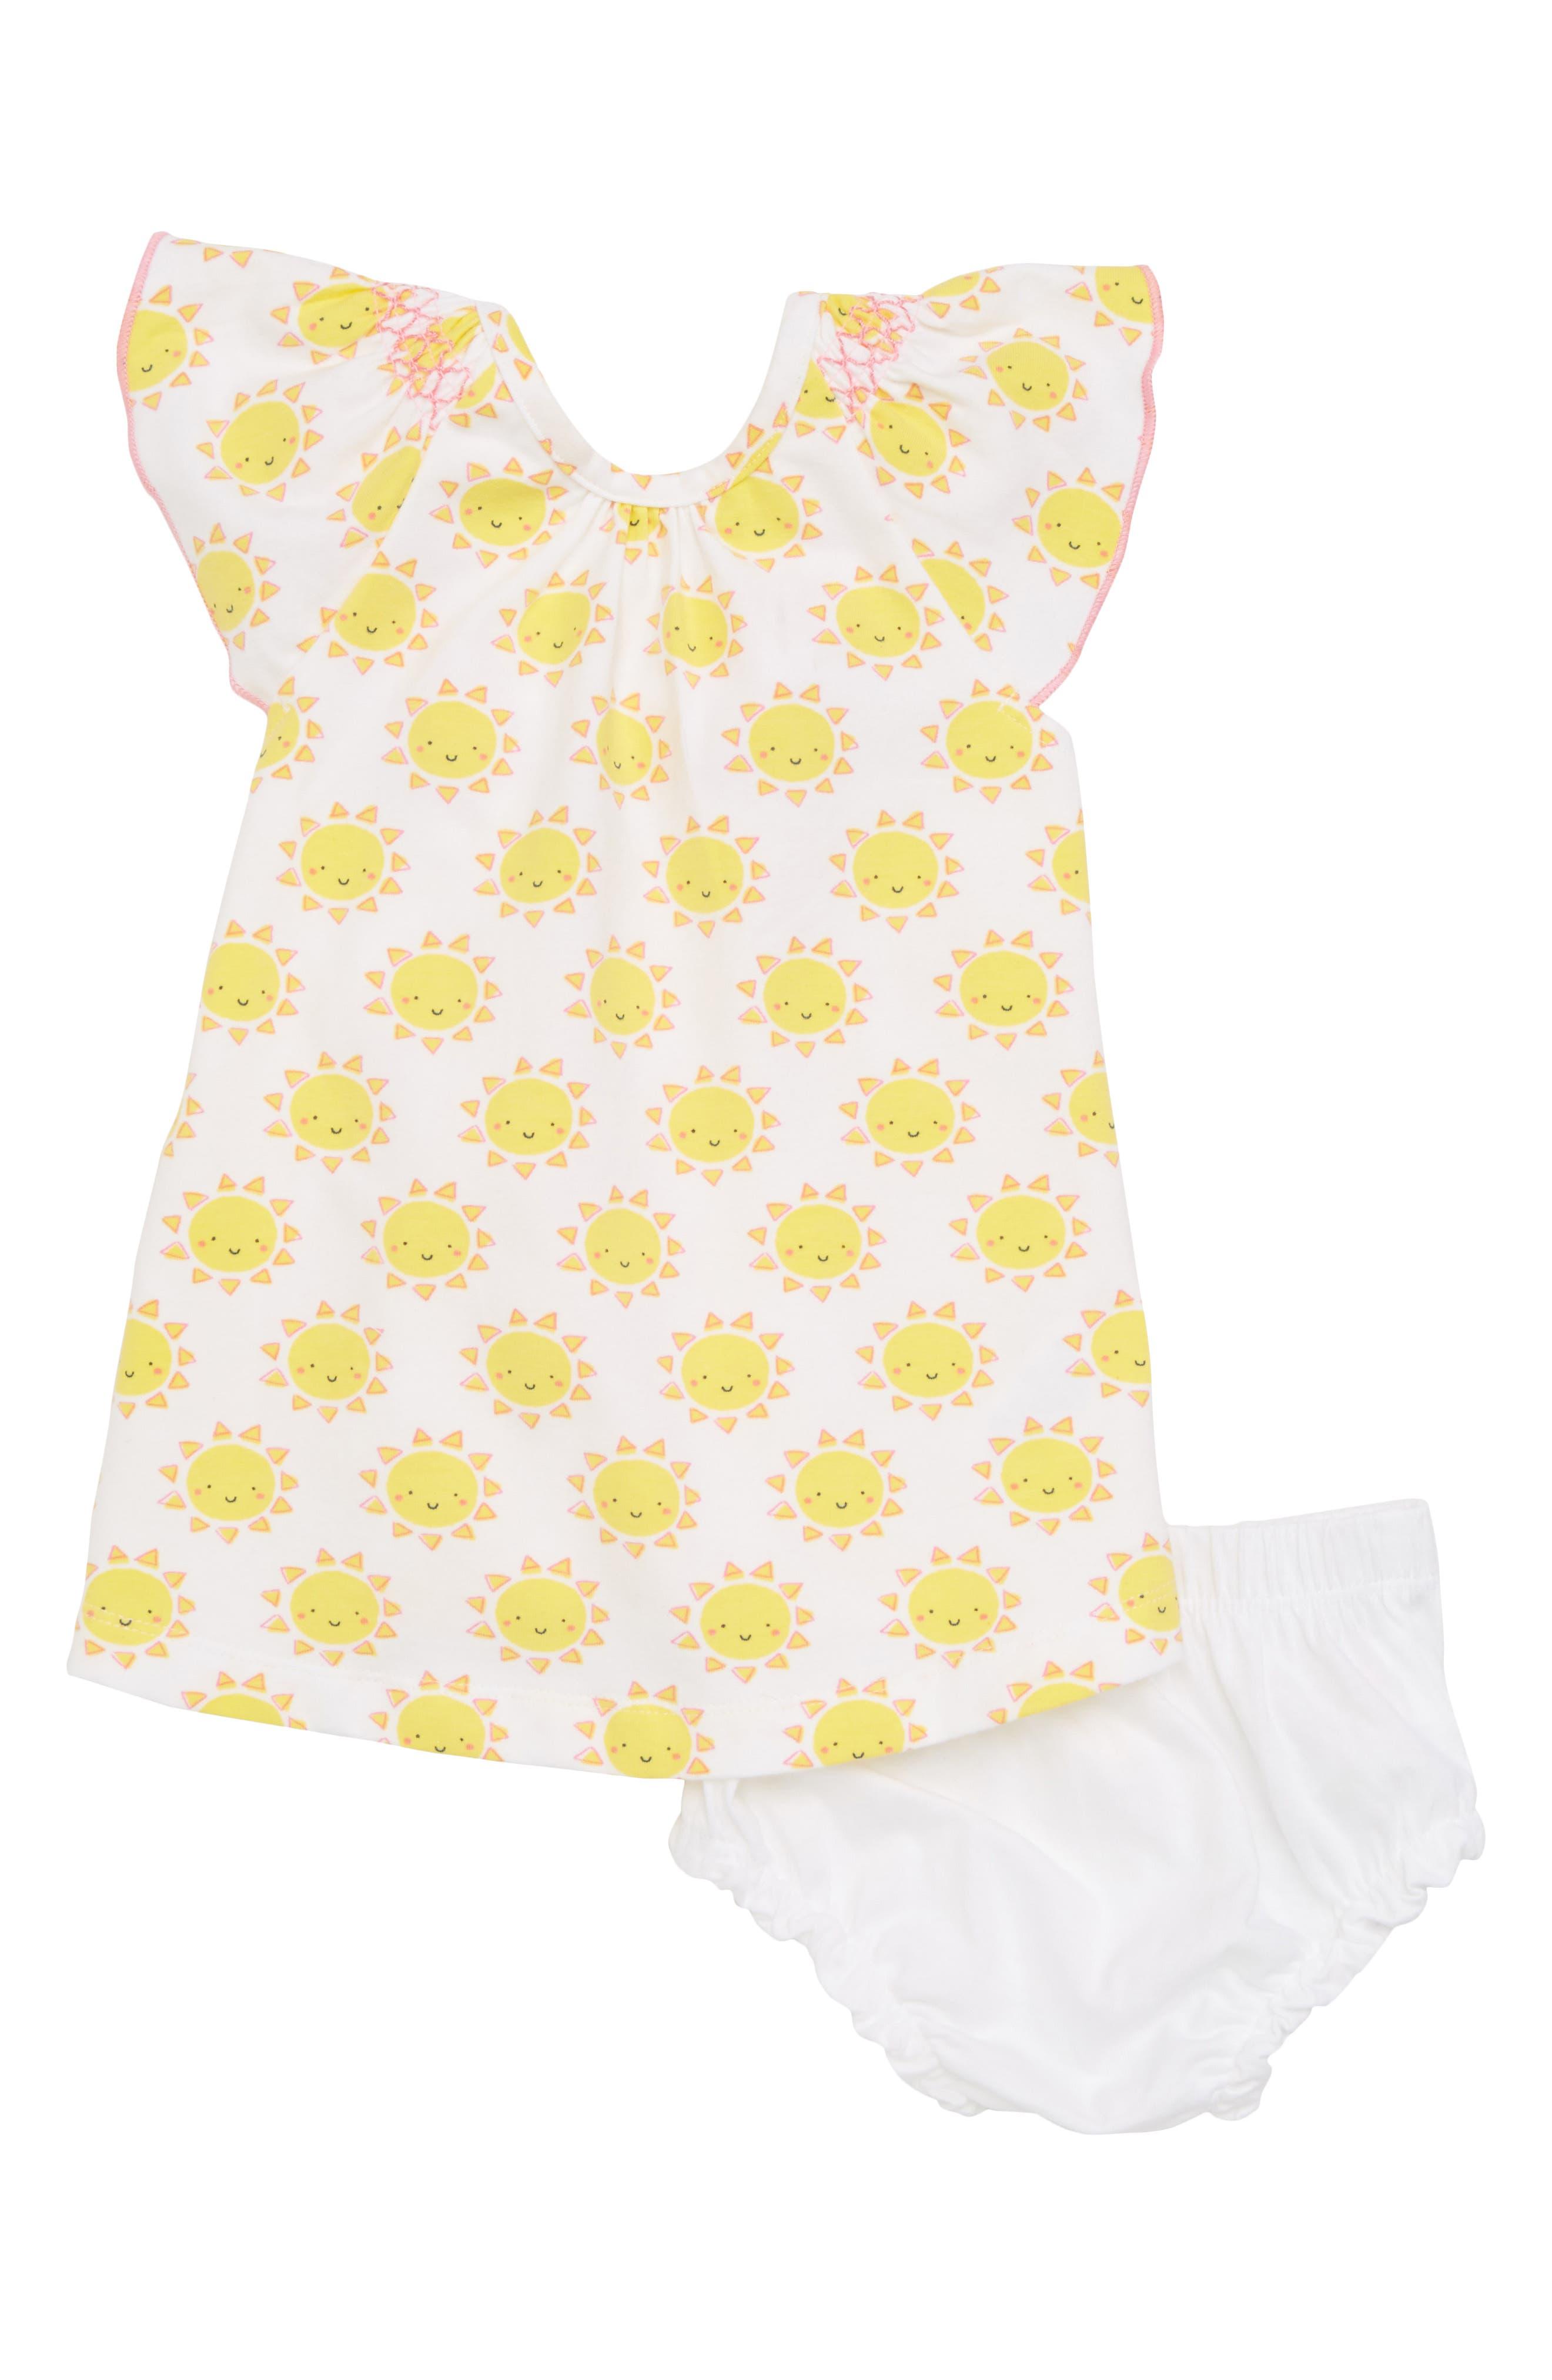 Merry Sunshine Dress,                             Main thumbnail 1, color,                             100